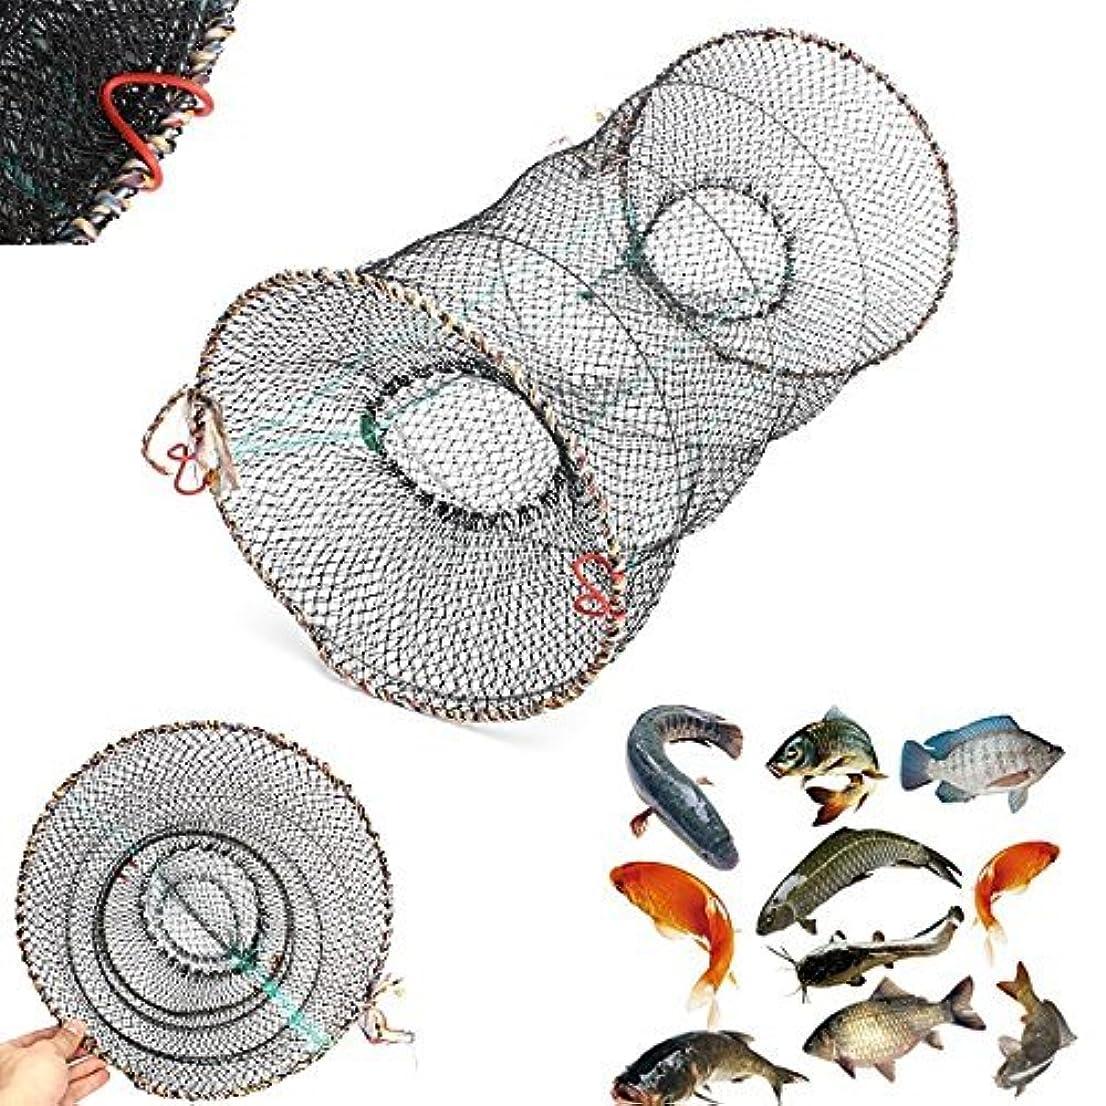 コーラス確率アンティークTeanfa カニ仕掛け網 ザリガニ ロブスター エビ 折り畳み式網かご 投網 釣り用網かご 1個